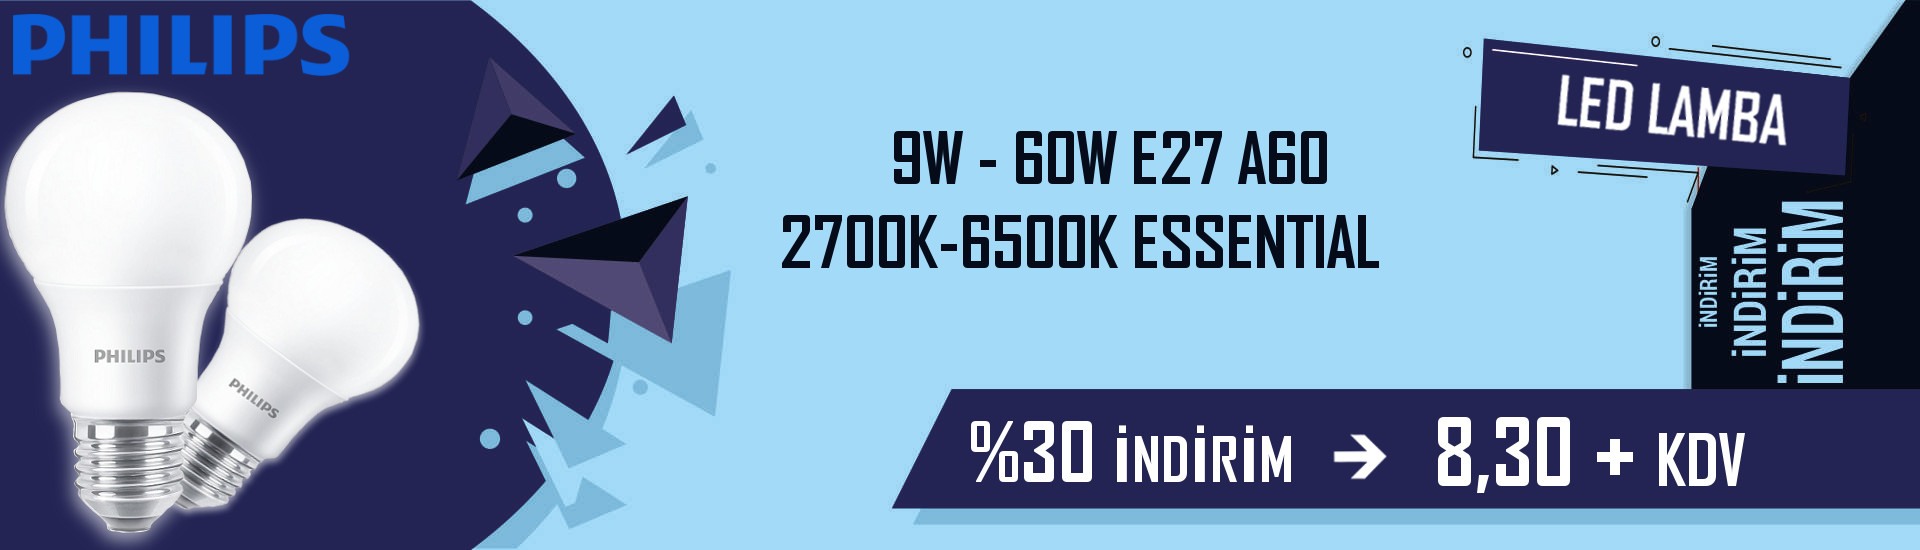 phl 960w